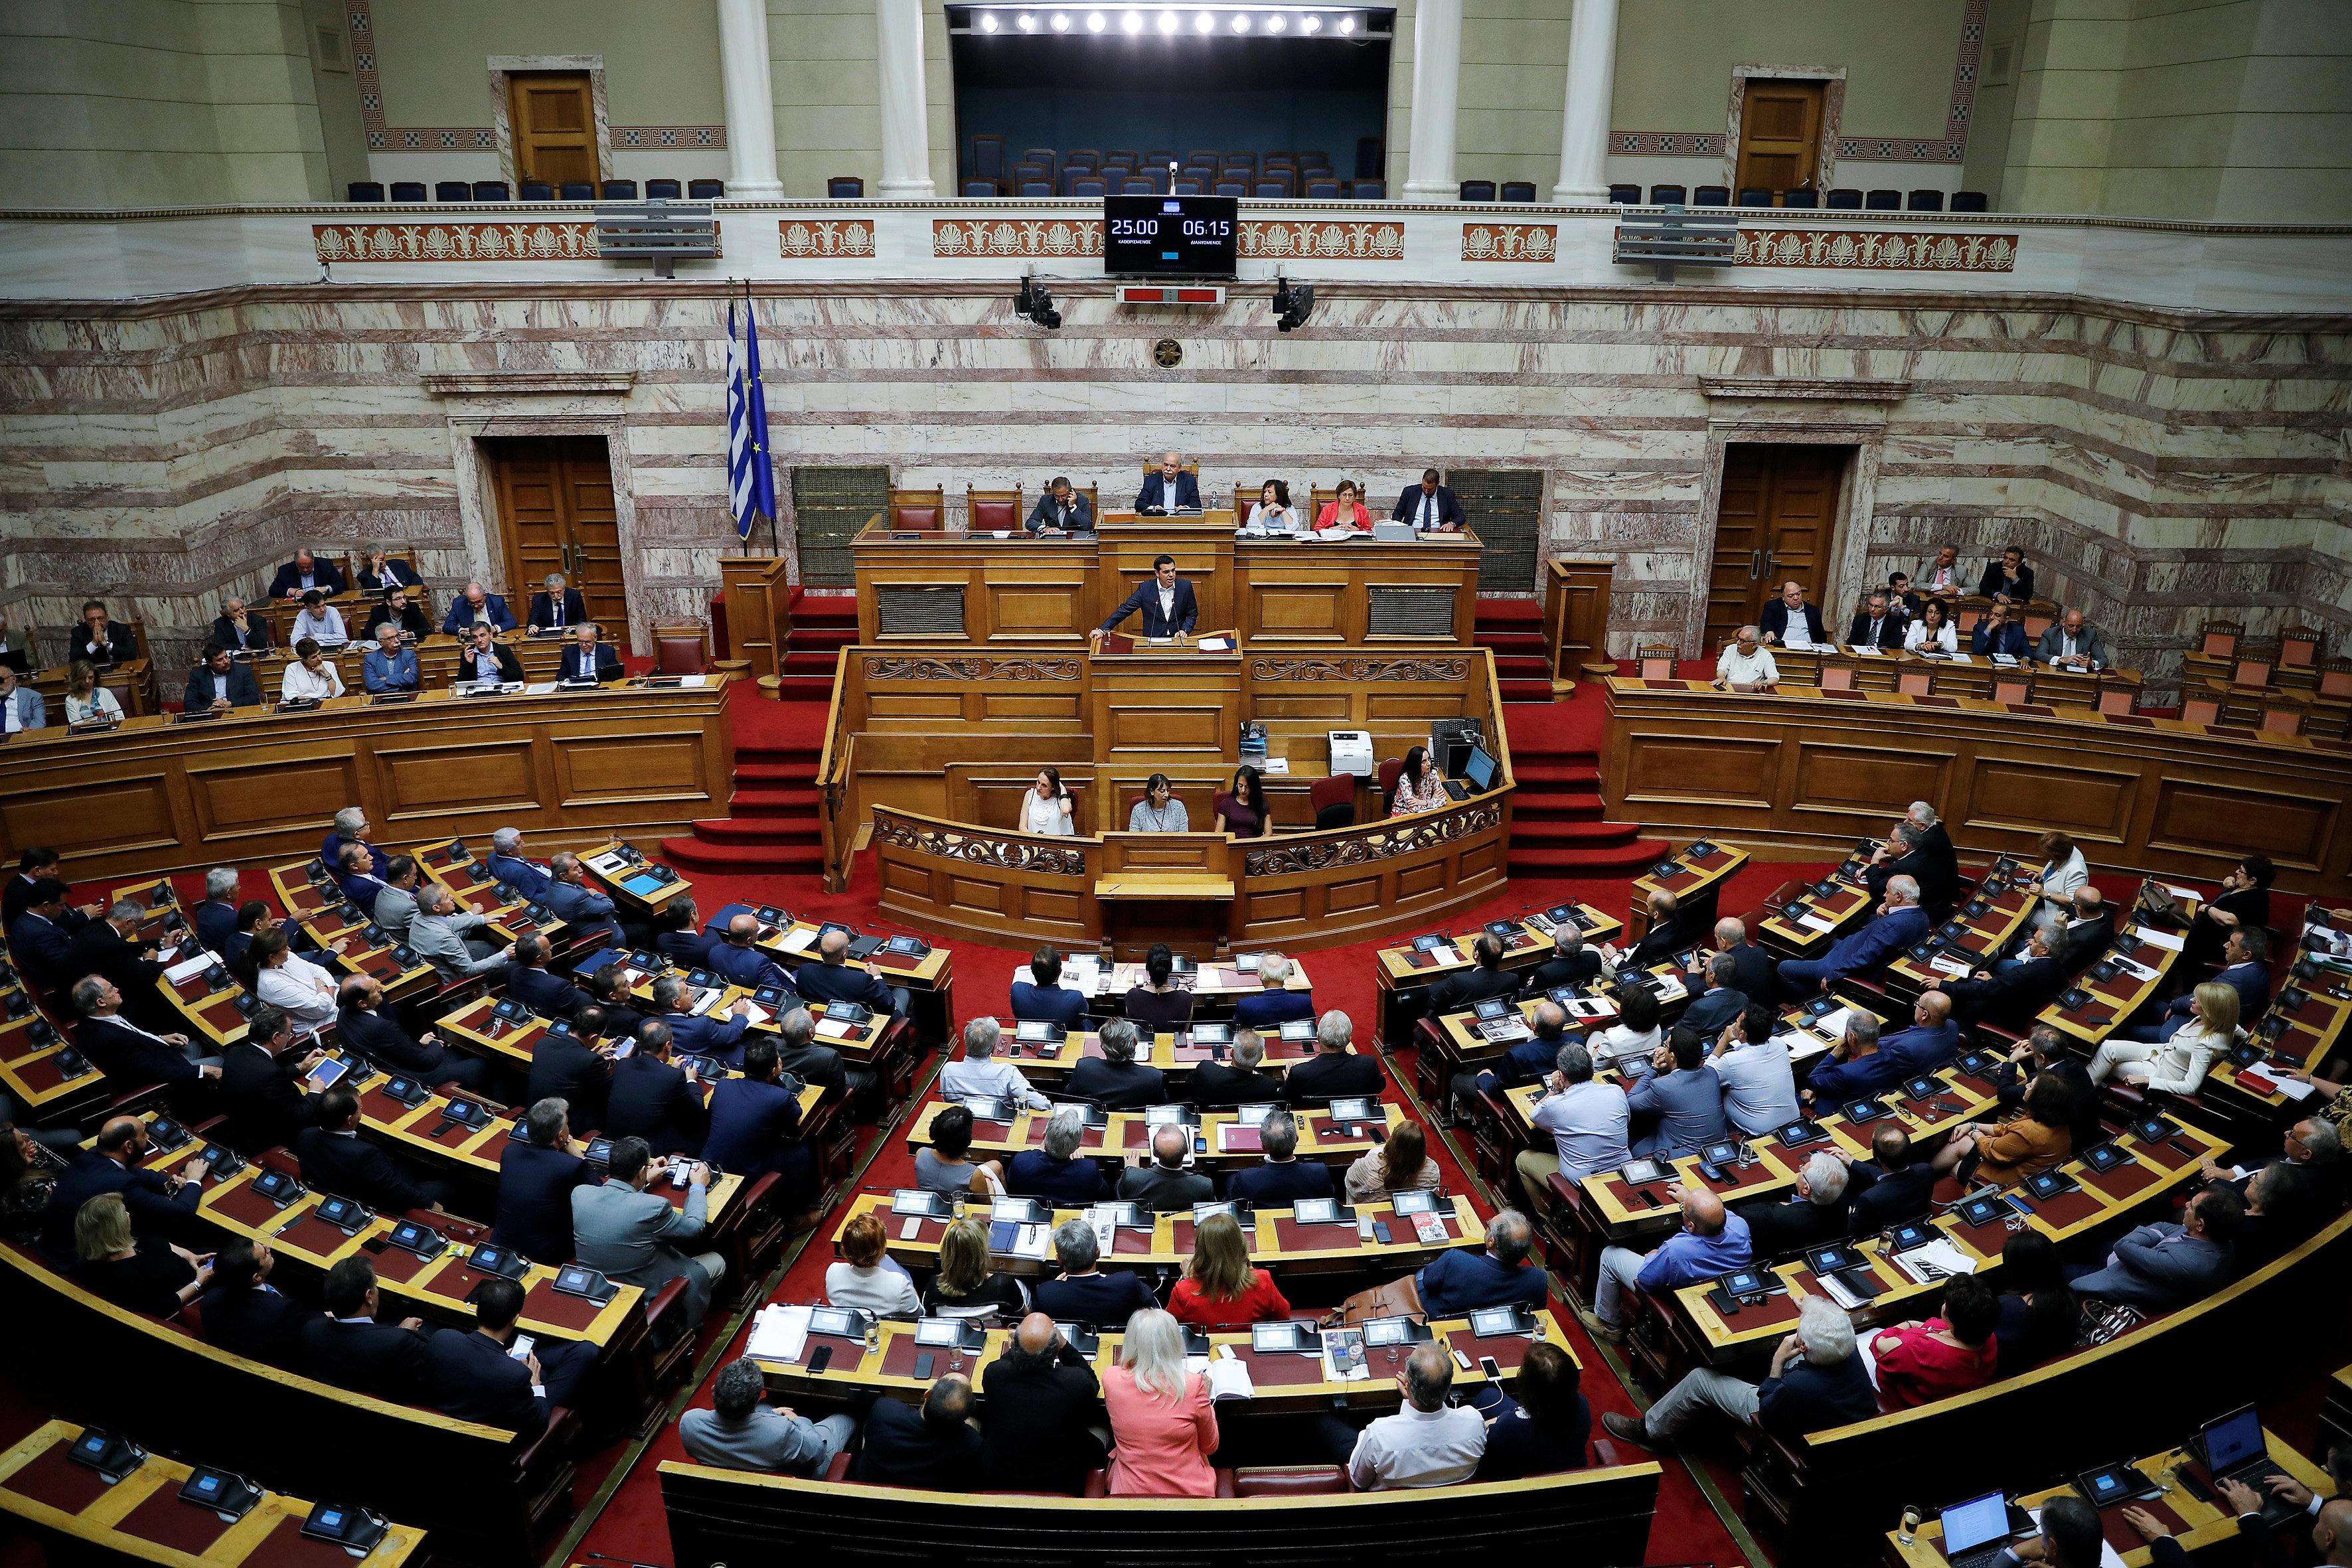 Στη Ολομέλεια συζητείται το νομοσχέδιο για την αδήλωτη εργασία. Αντιπαράθεση κυβέρνησης με αντιπολίτευση...